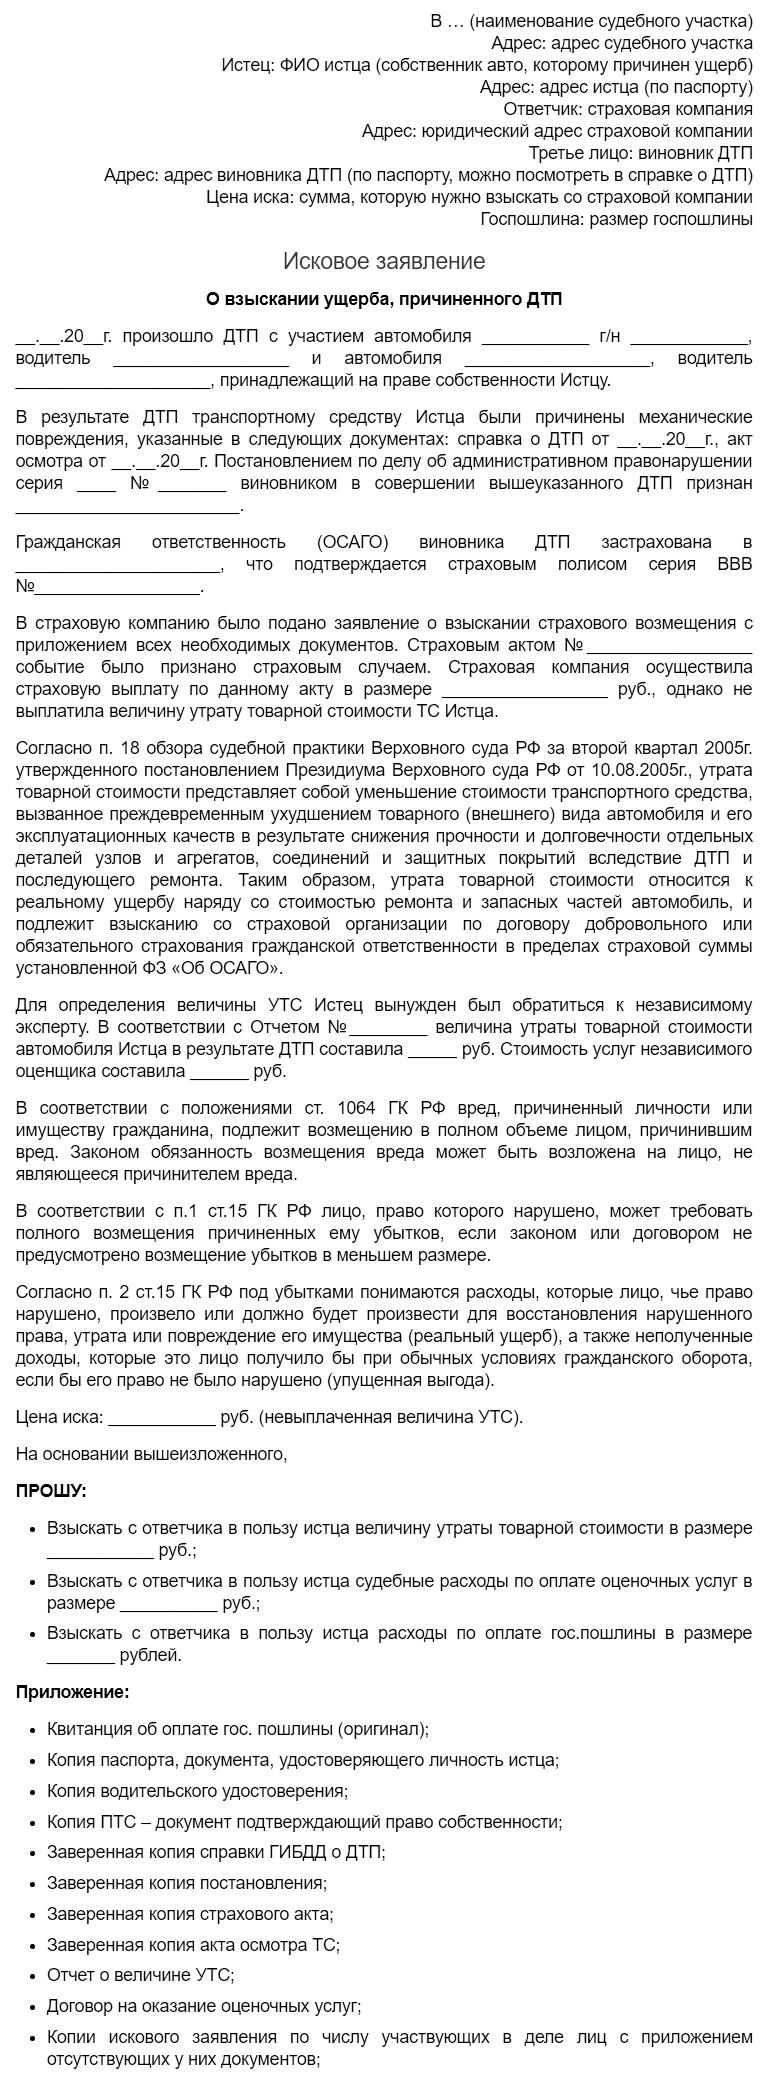 obrazec-zayavleniya-na-vzyskanie-uts-avtomobilya-isk-v-sud